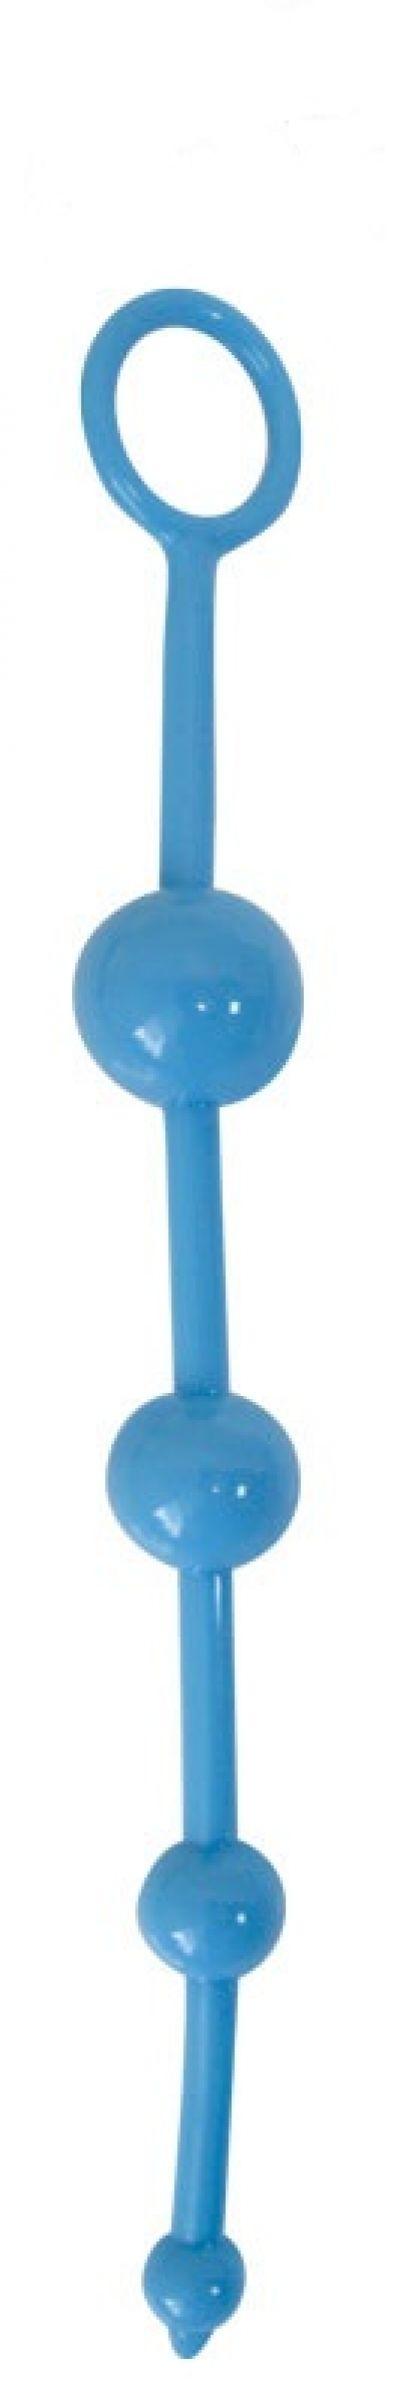 Анальный стимулятор цепочка цвет голубой 24,5 см